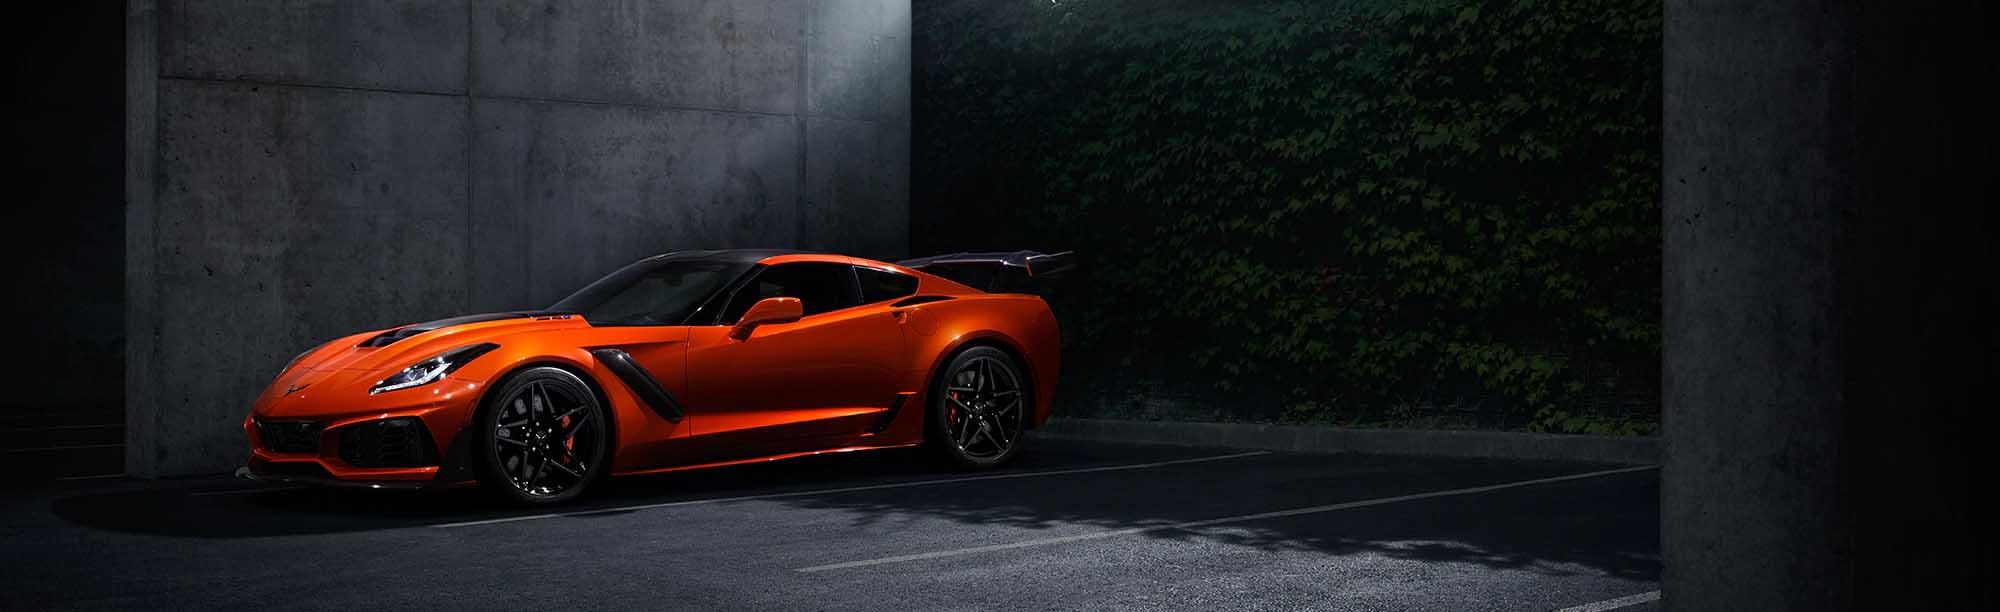 2020 Corvette ZR1 On Road